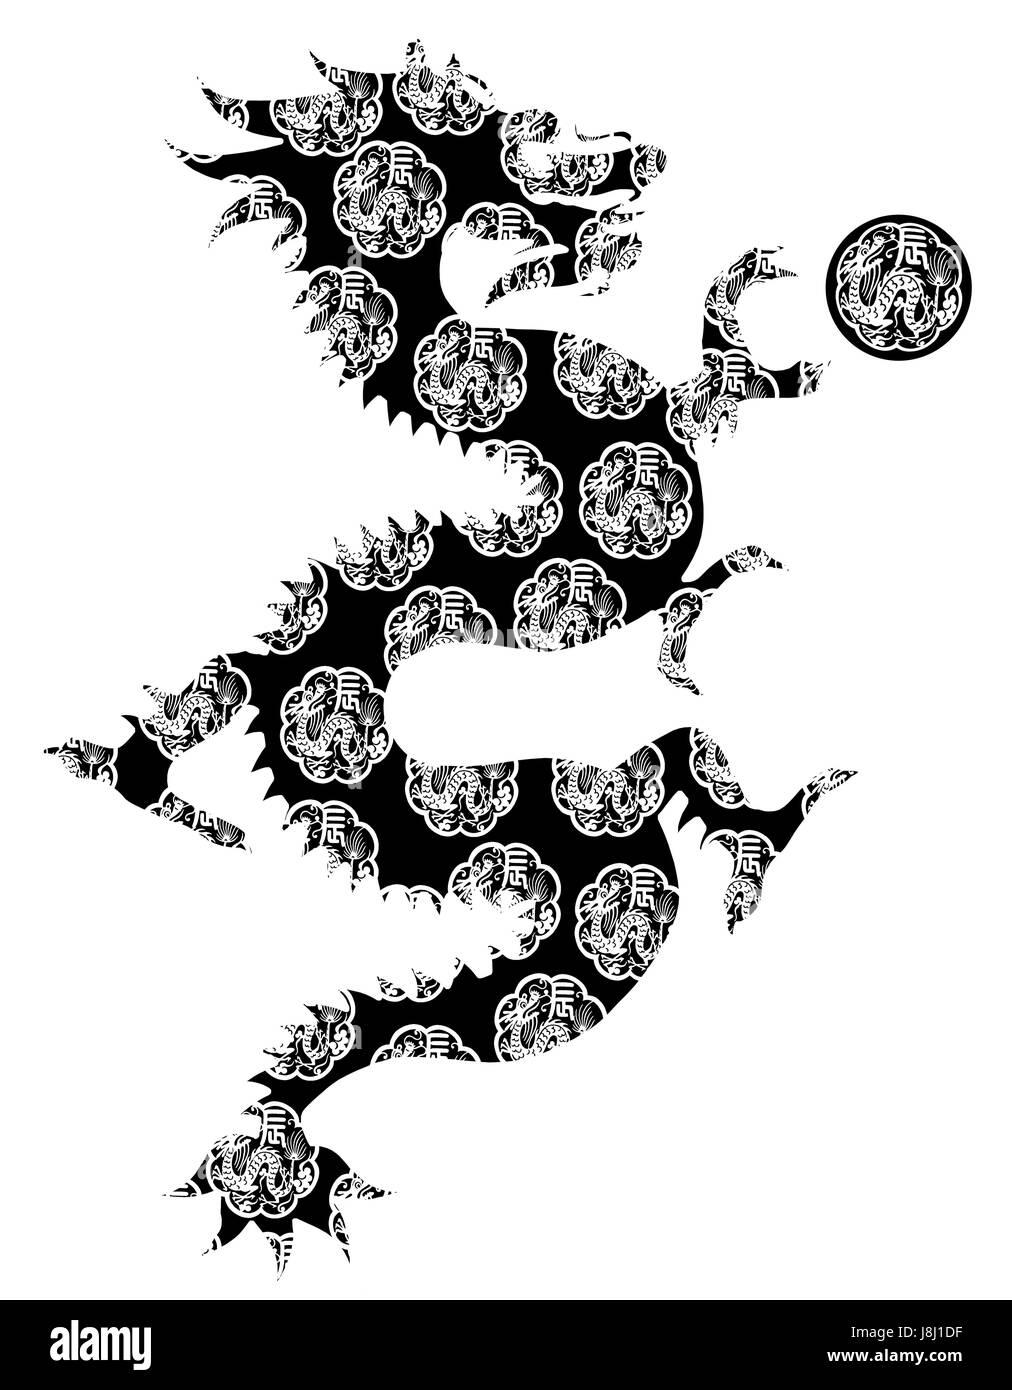 new, dragon, chinese, zodiac, horoscope, mythical, longevity